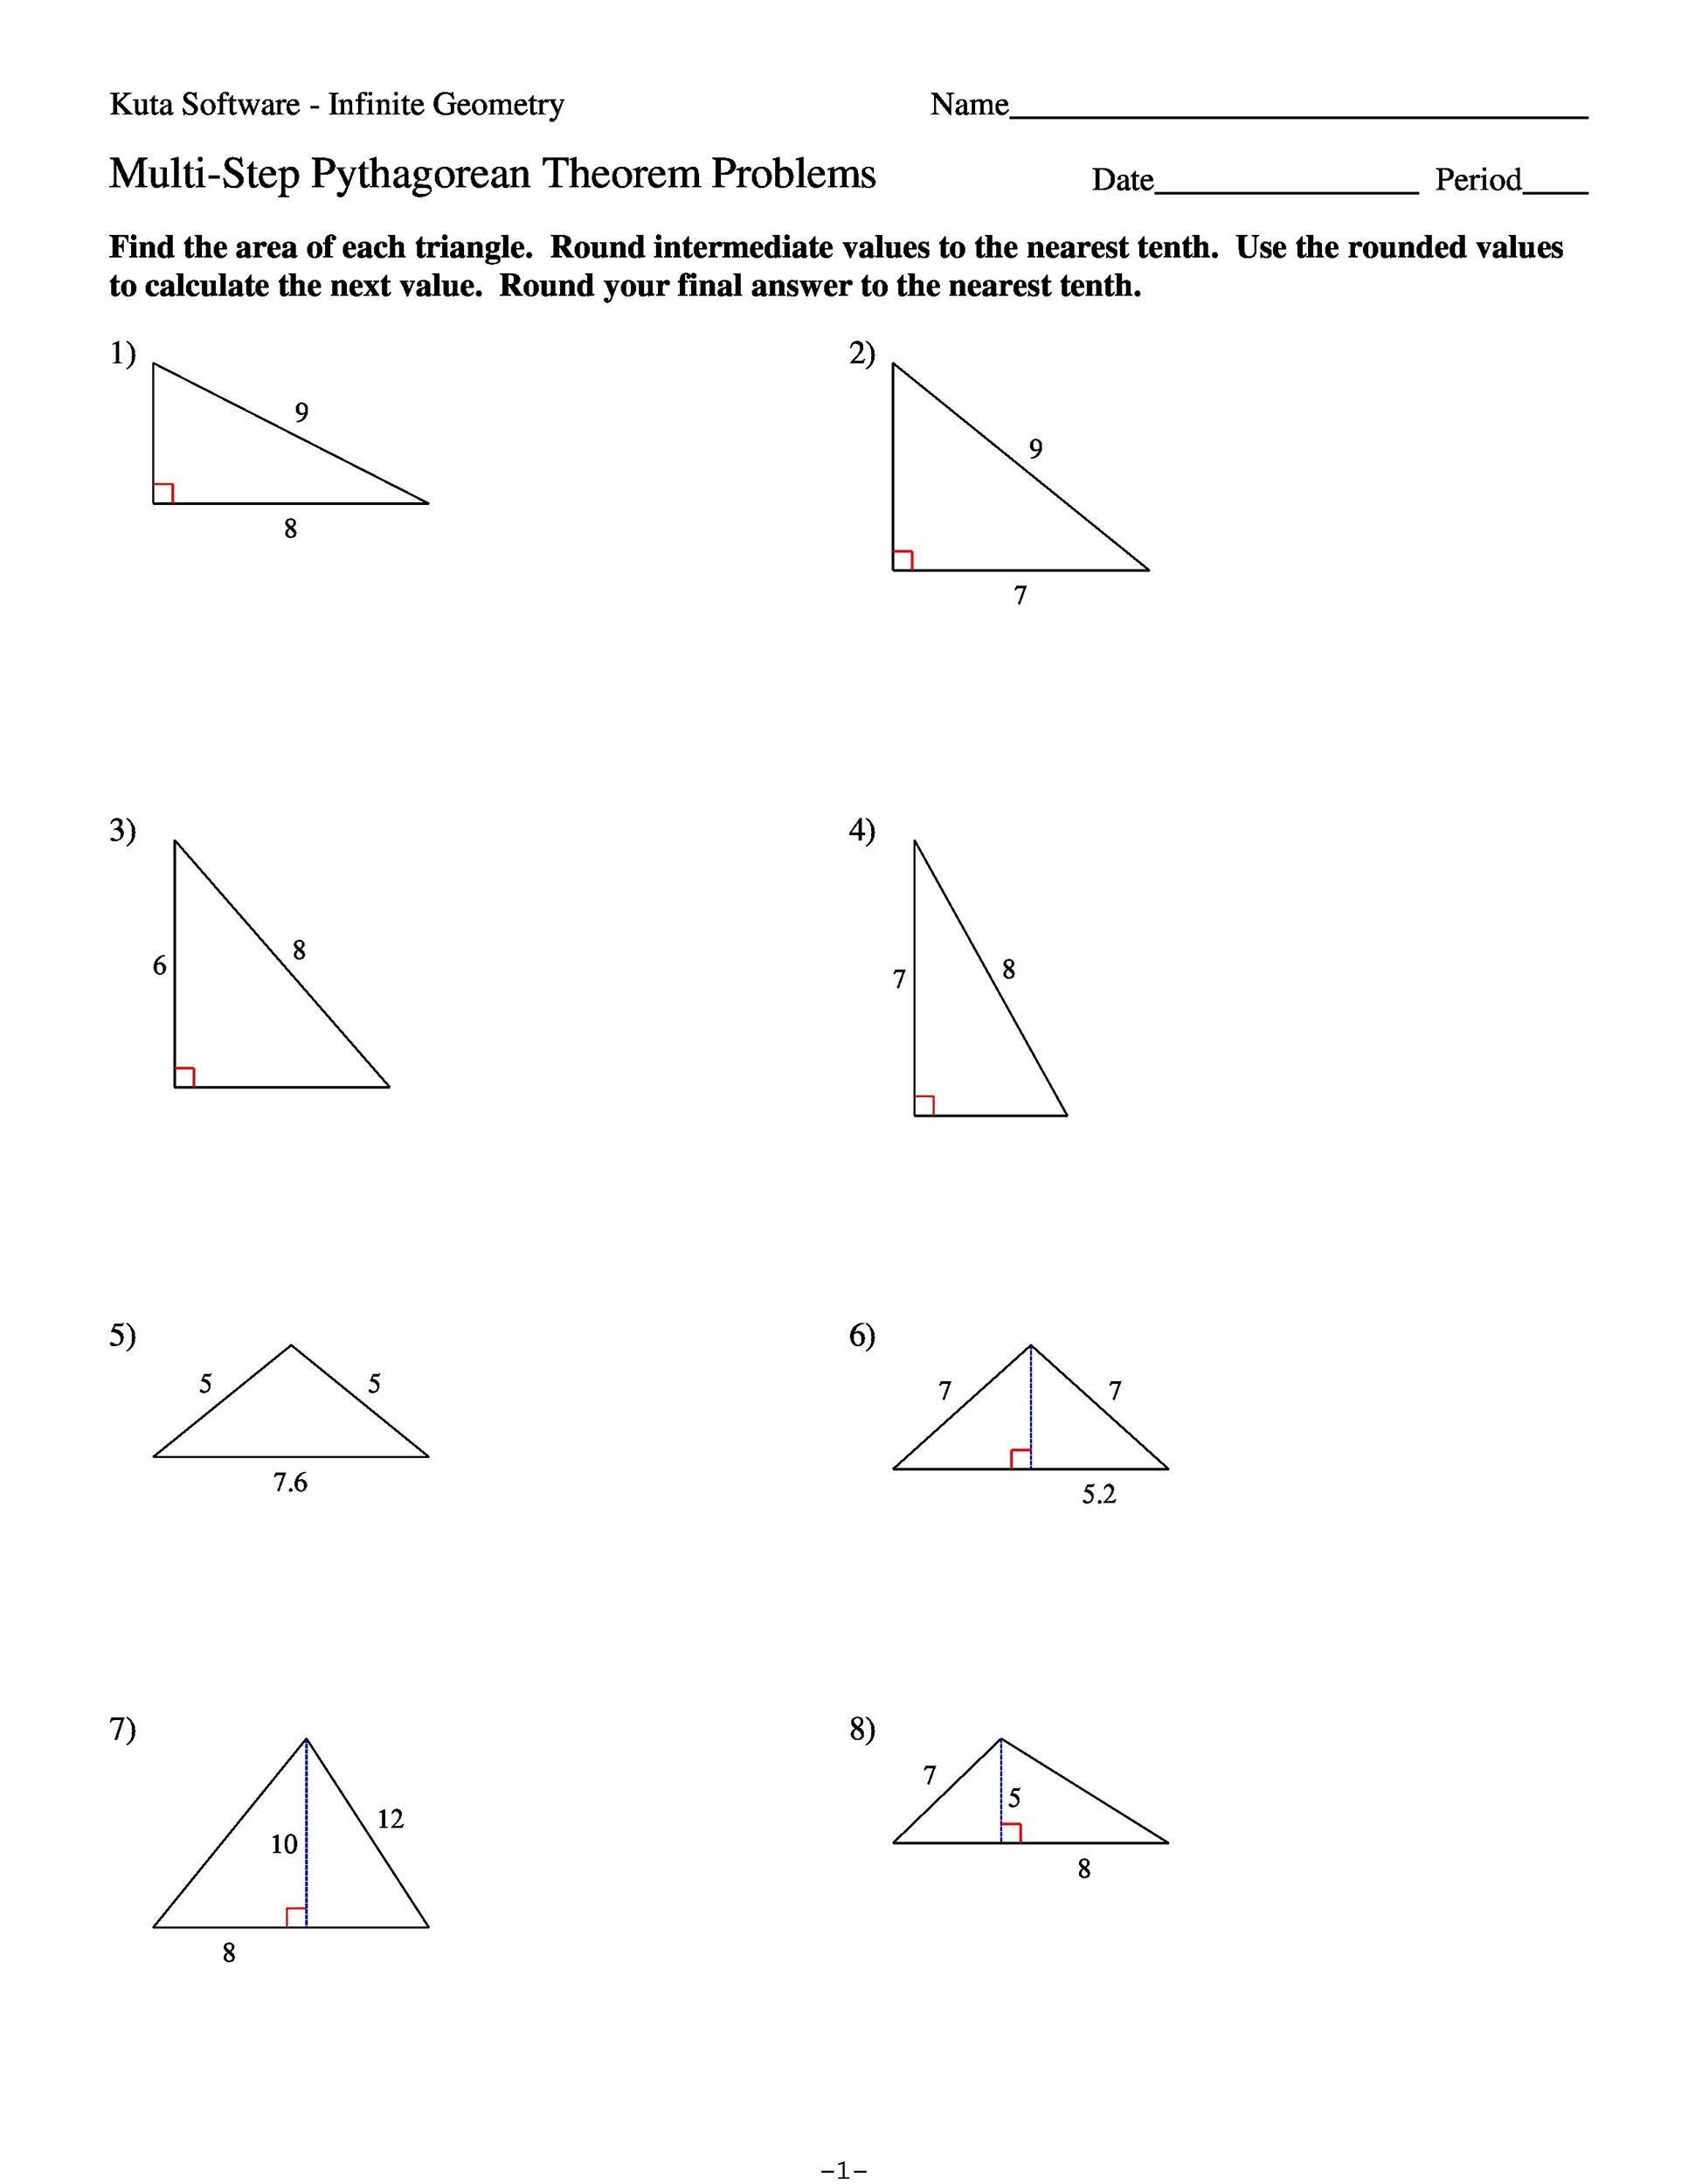 Pythagorean theorem Worksheet Answers 30 Pythagoras theorem Problems Worksheet Free Worksheet